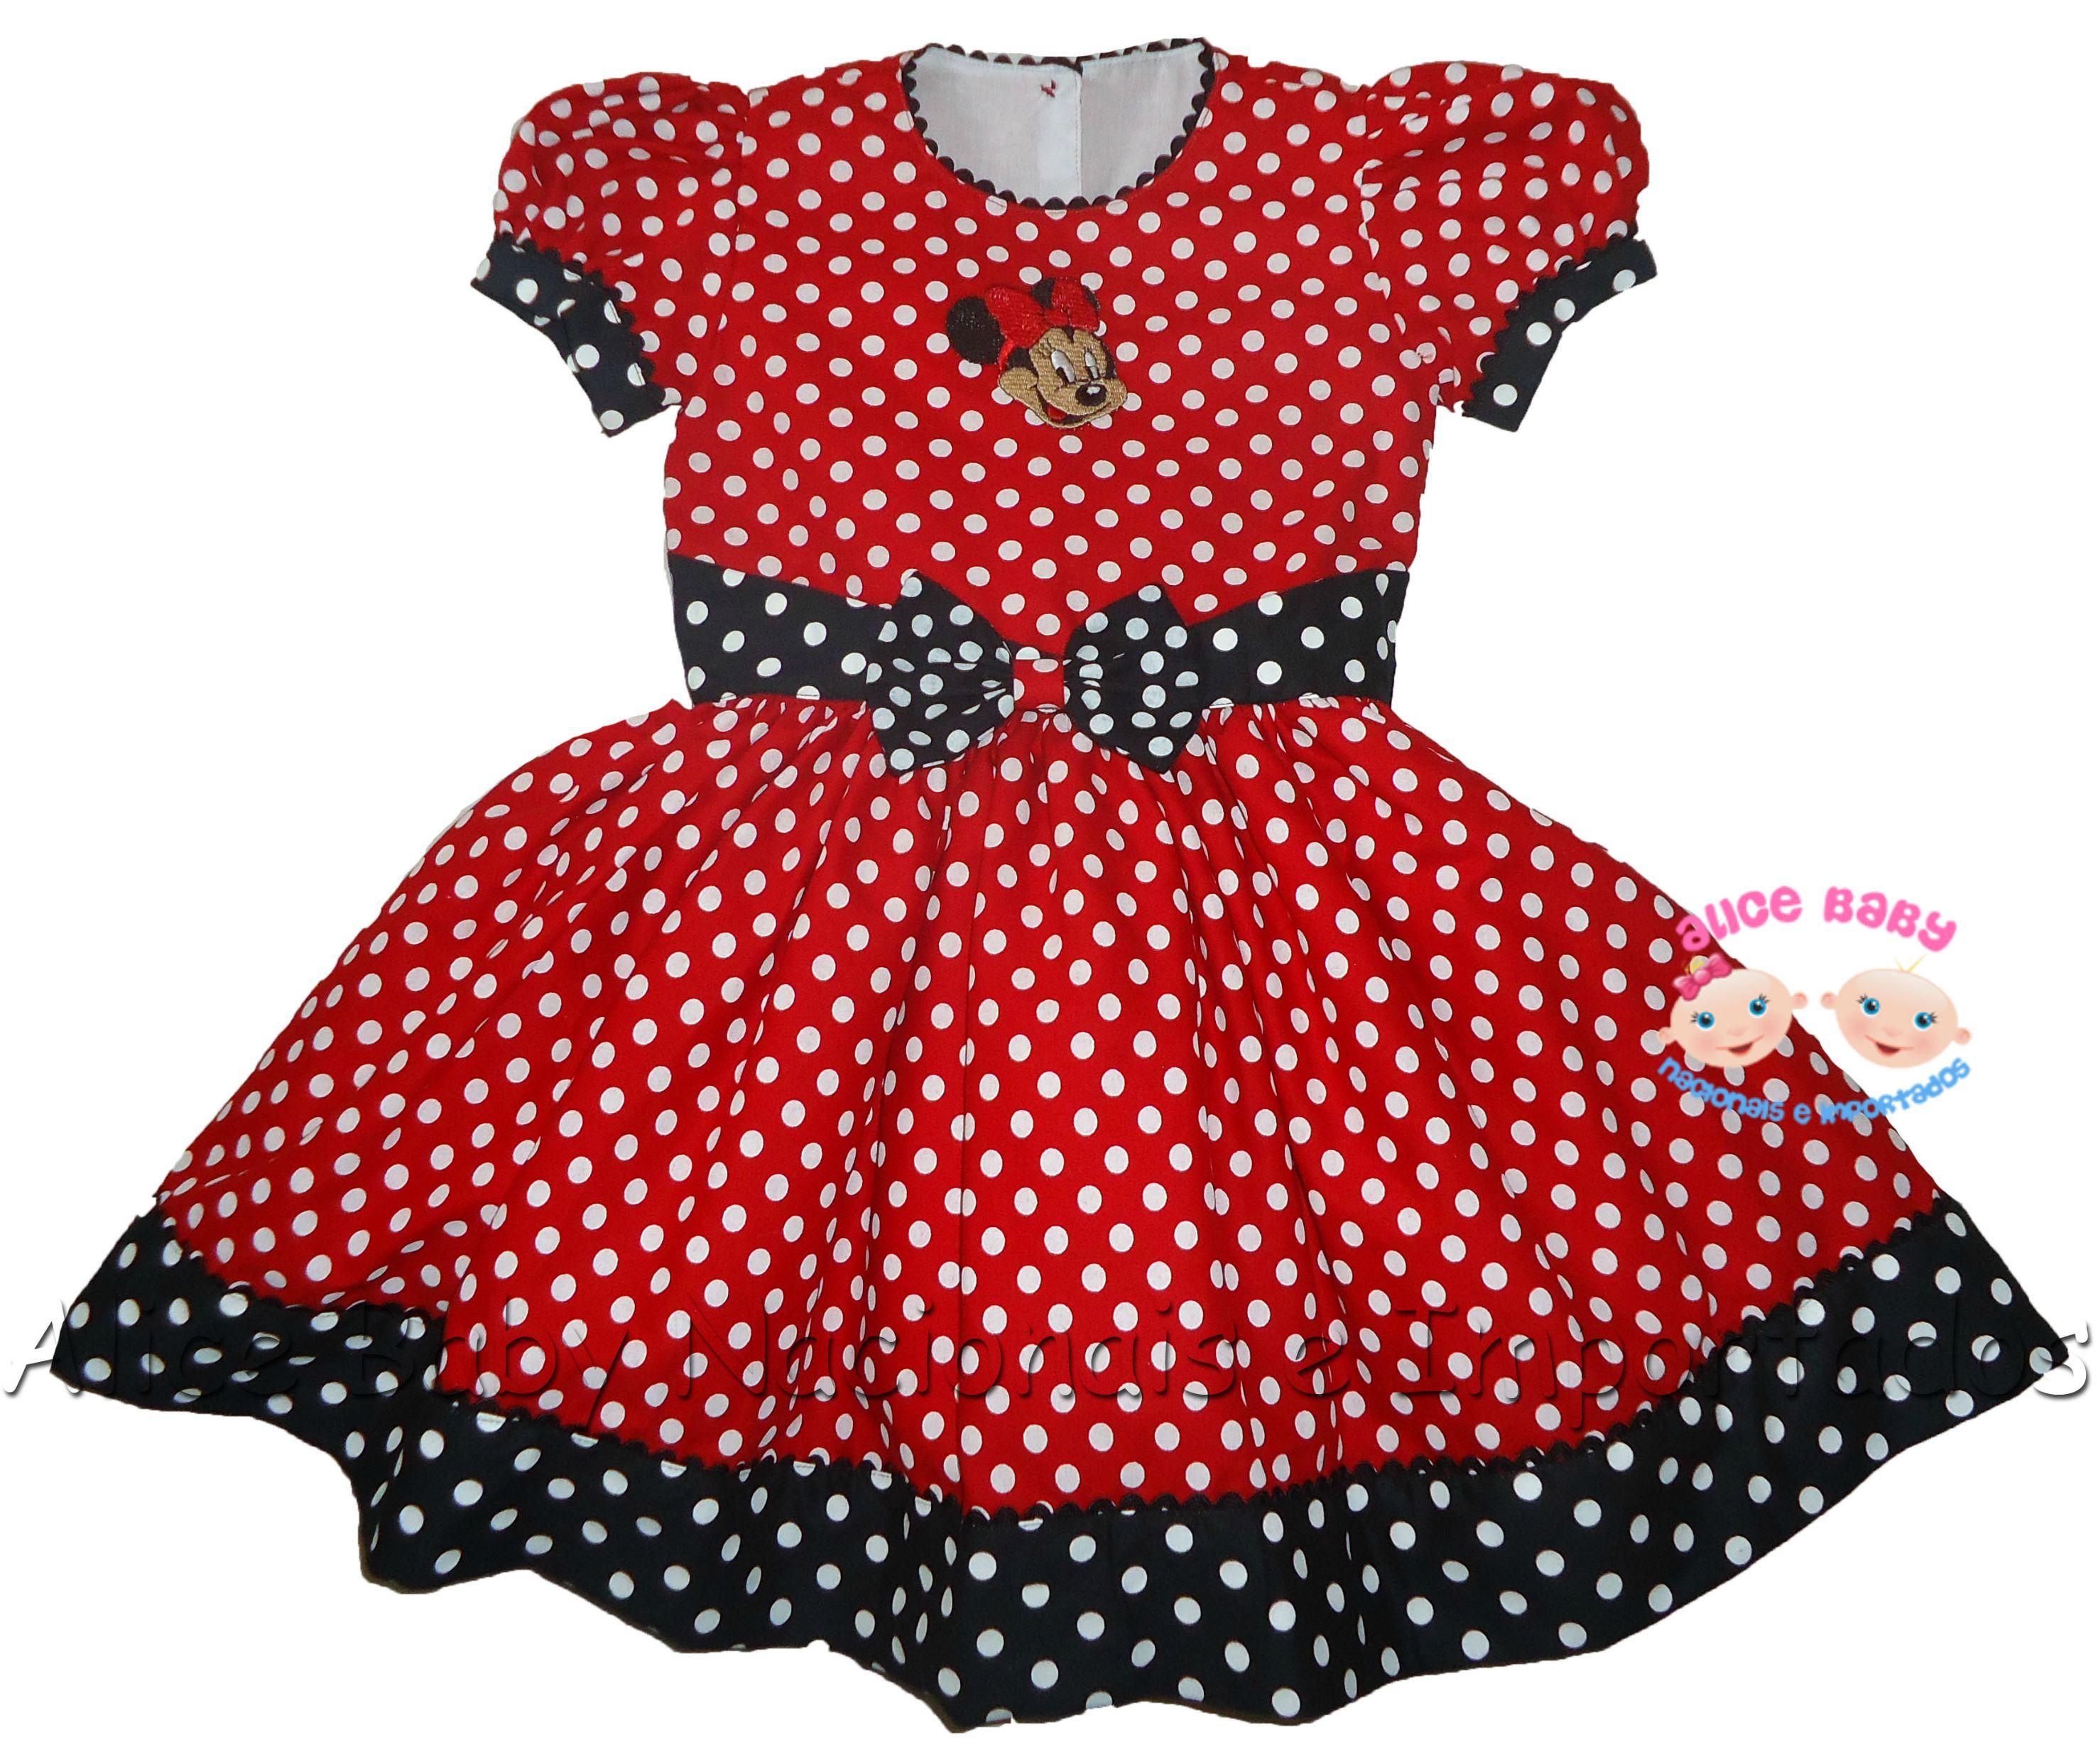 cae515f1b06 Vestido Minnie Vermelho e Preto